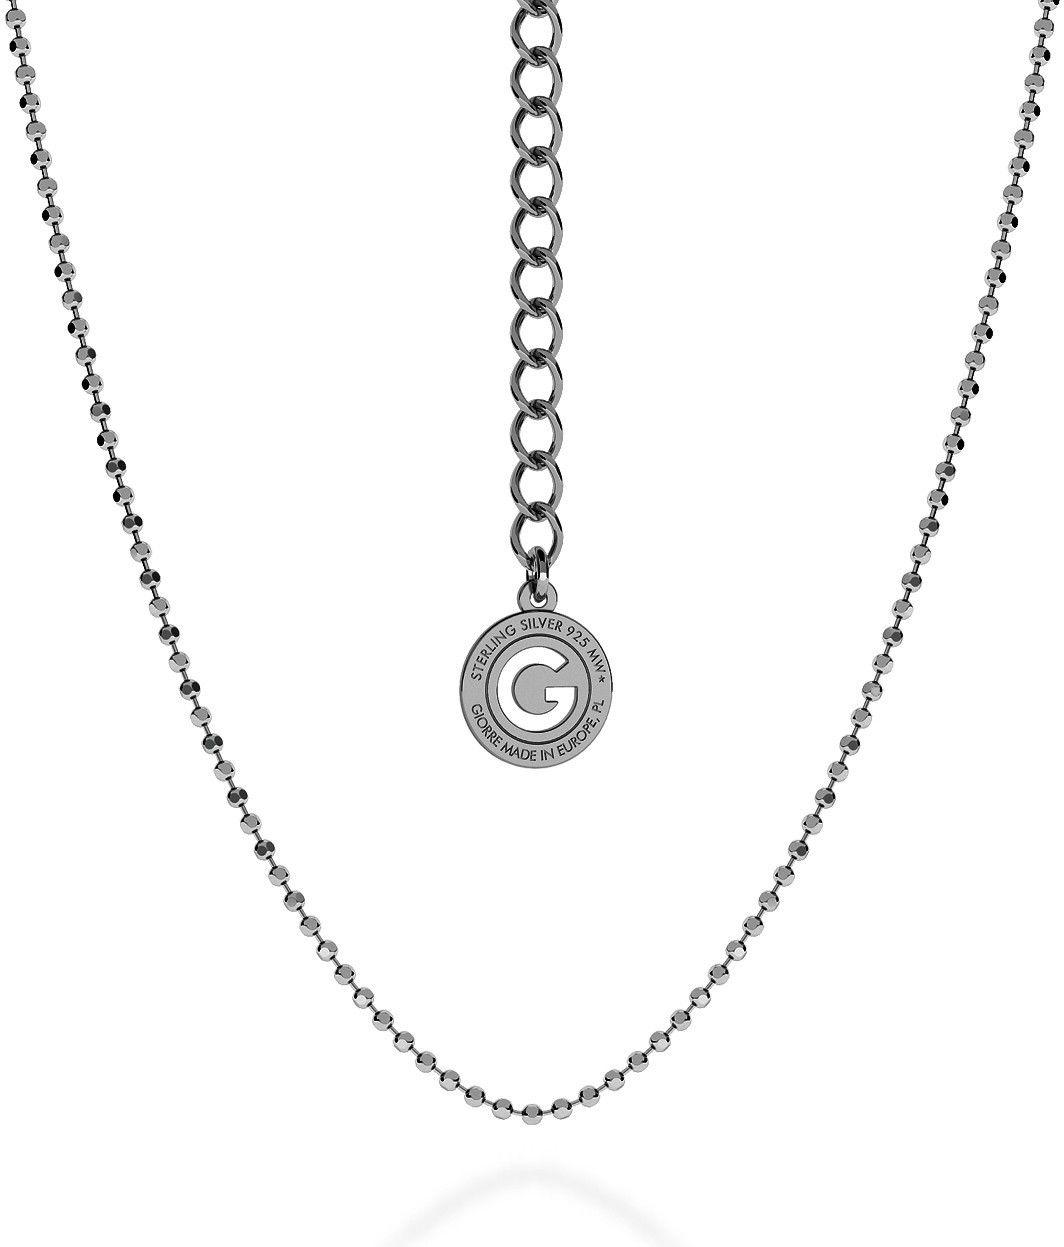 Srebrny łańcuszek z kulek, srebro 925 : Długość (cm) - 50 + 5, Srebro - kolor pokrycia - Pokrycie platyną